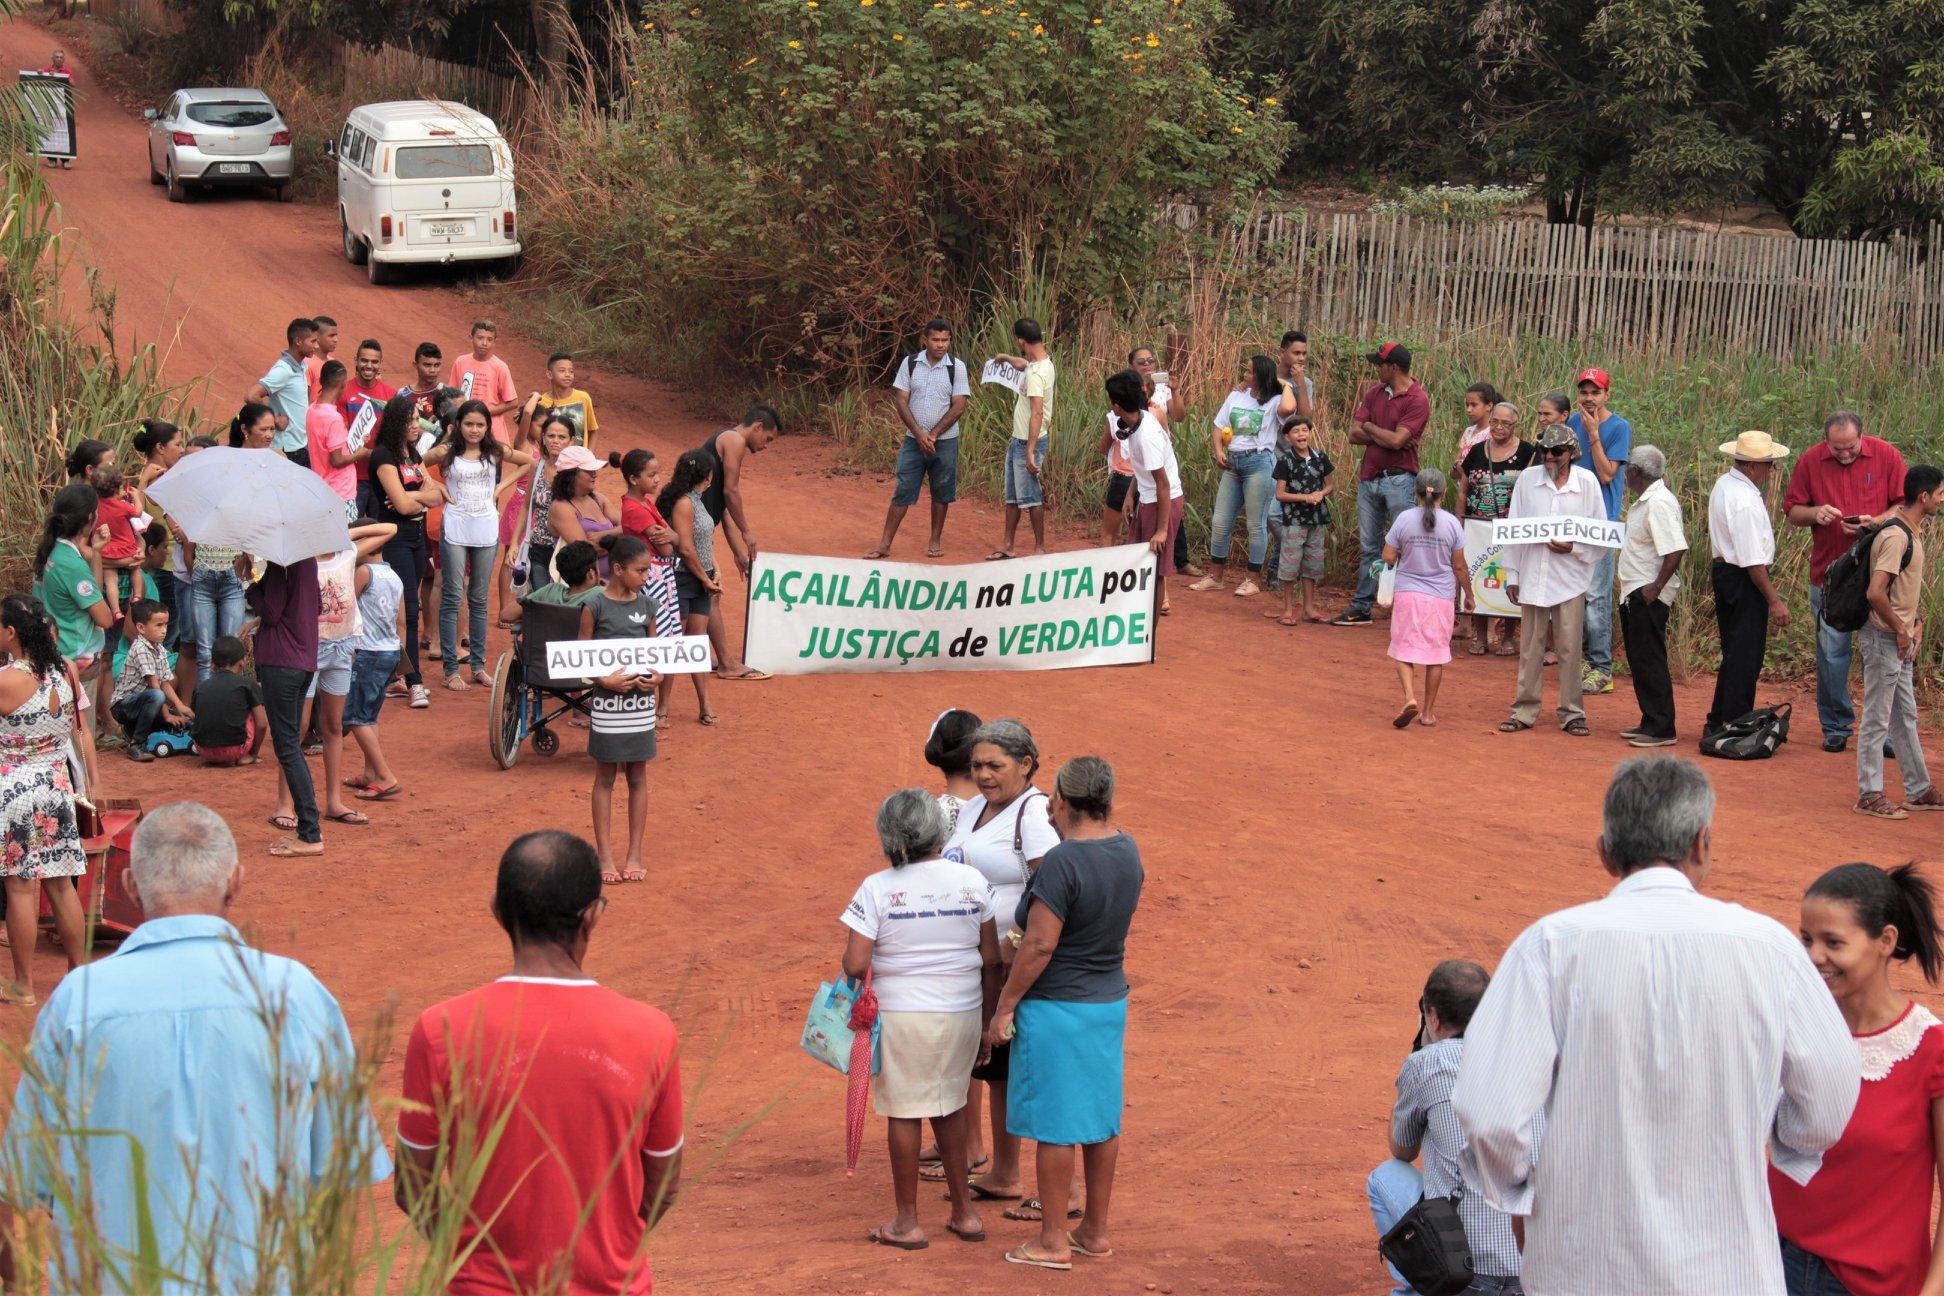 Mittlereile erfolgt: Fest zur Grundsteinlegung des neuen Piquiá de Baixo. Foto vom 23. November 2018, FOTO: Justiça nos Trilhos